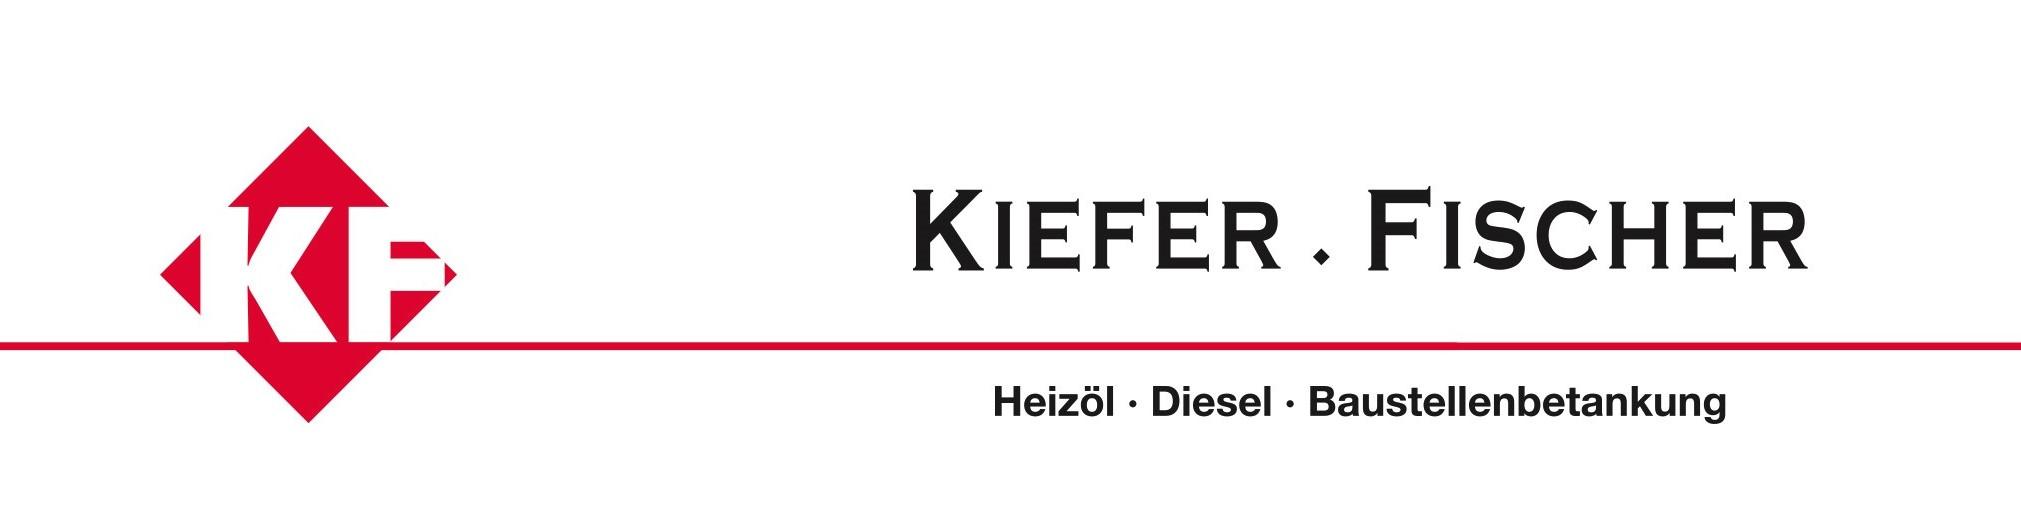 Kiefer-Fischer